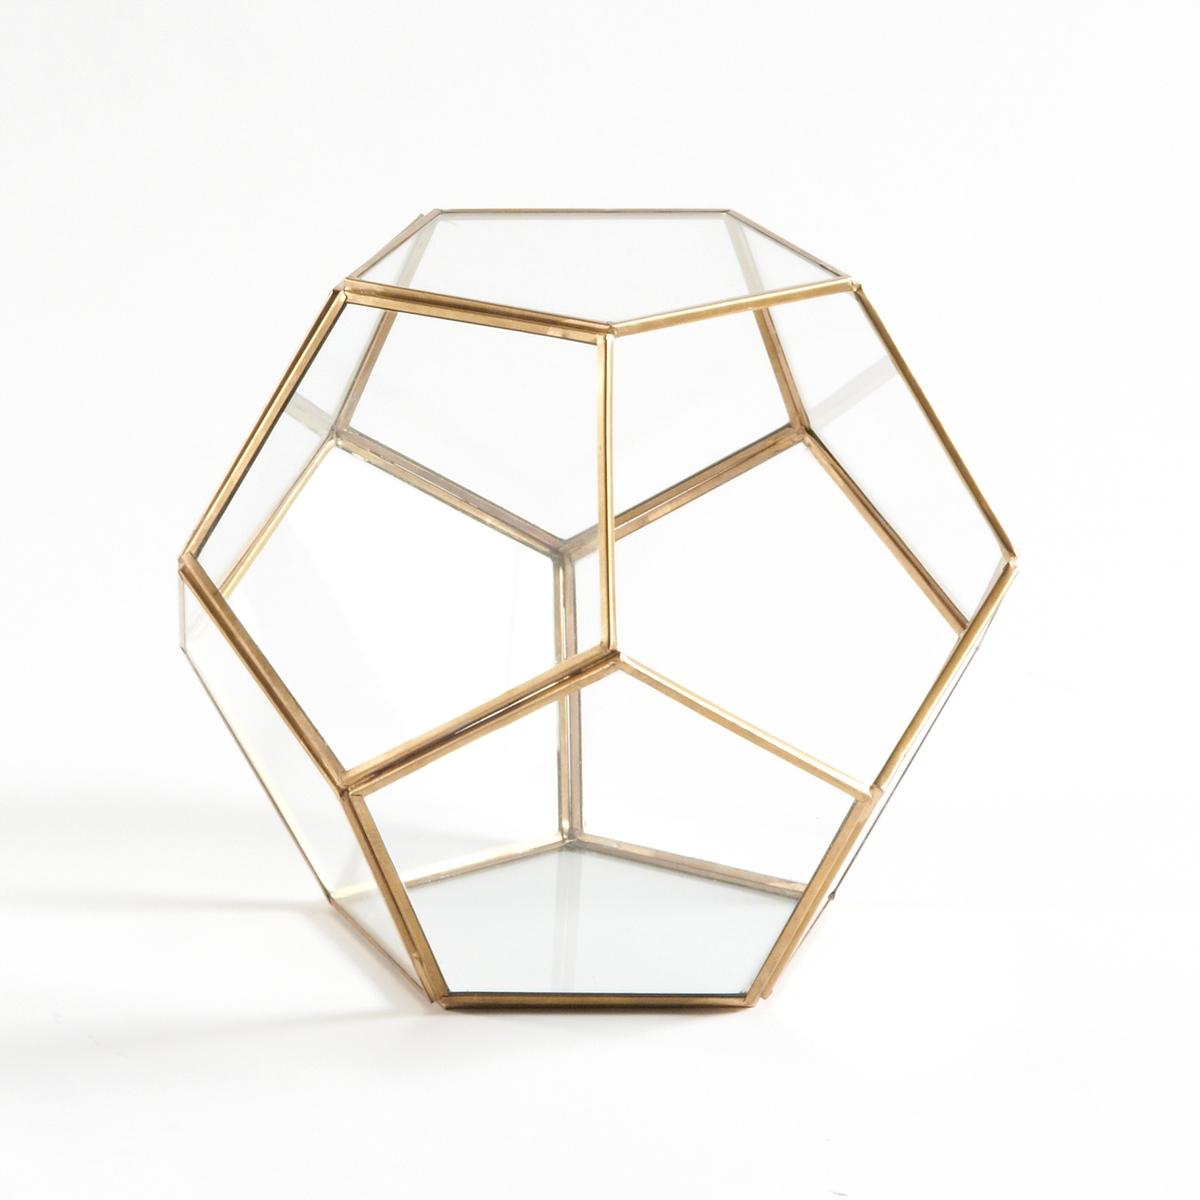 Террариум из стекла и металла, Uyova